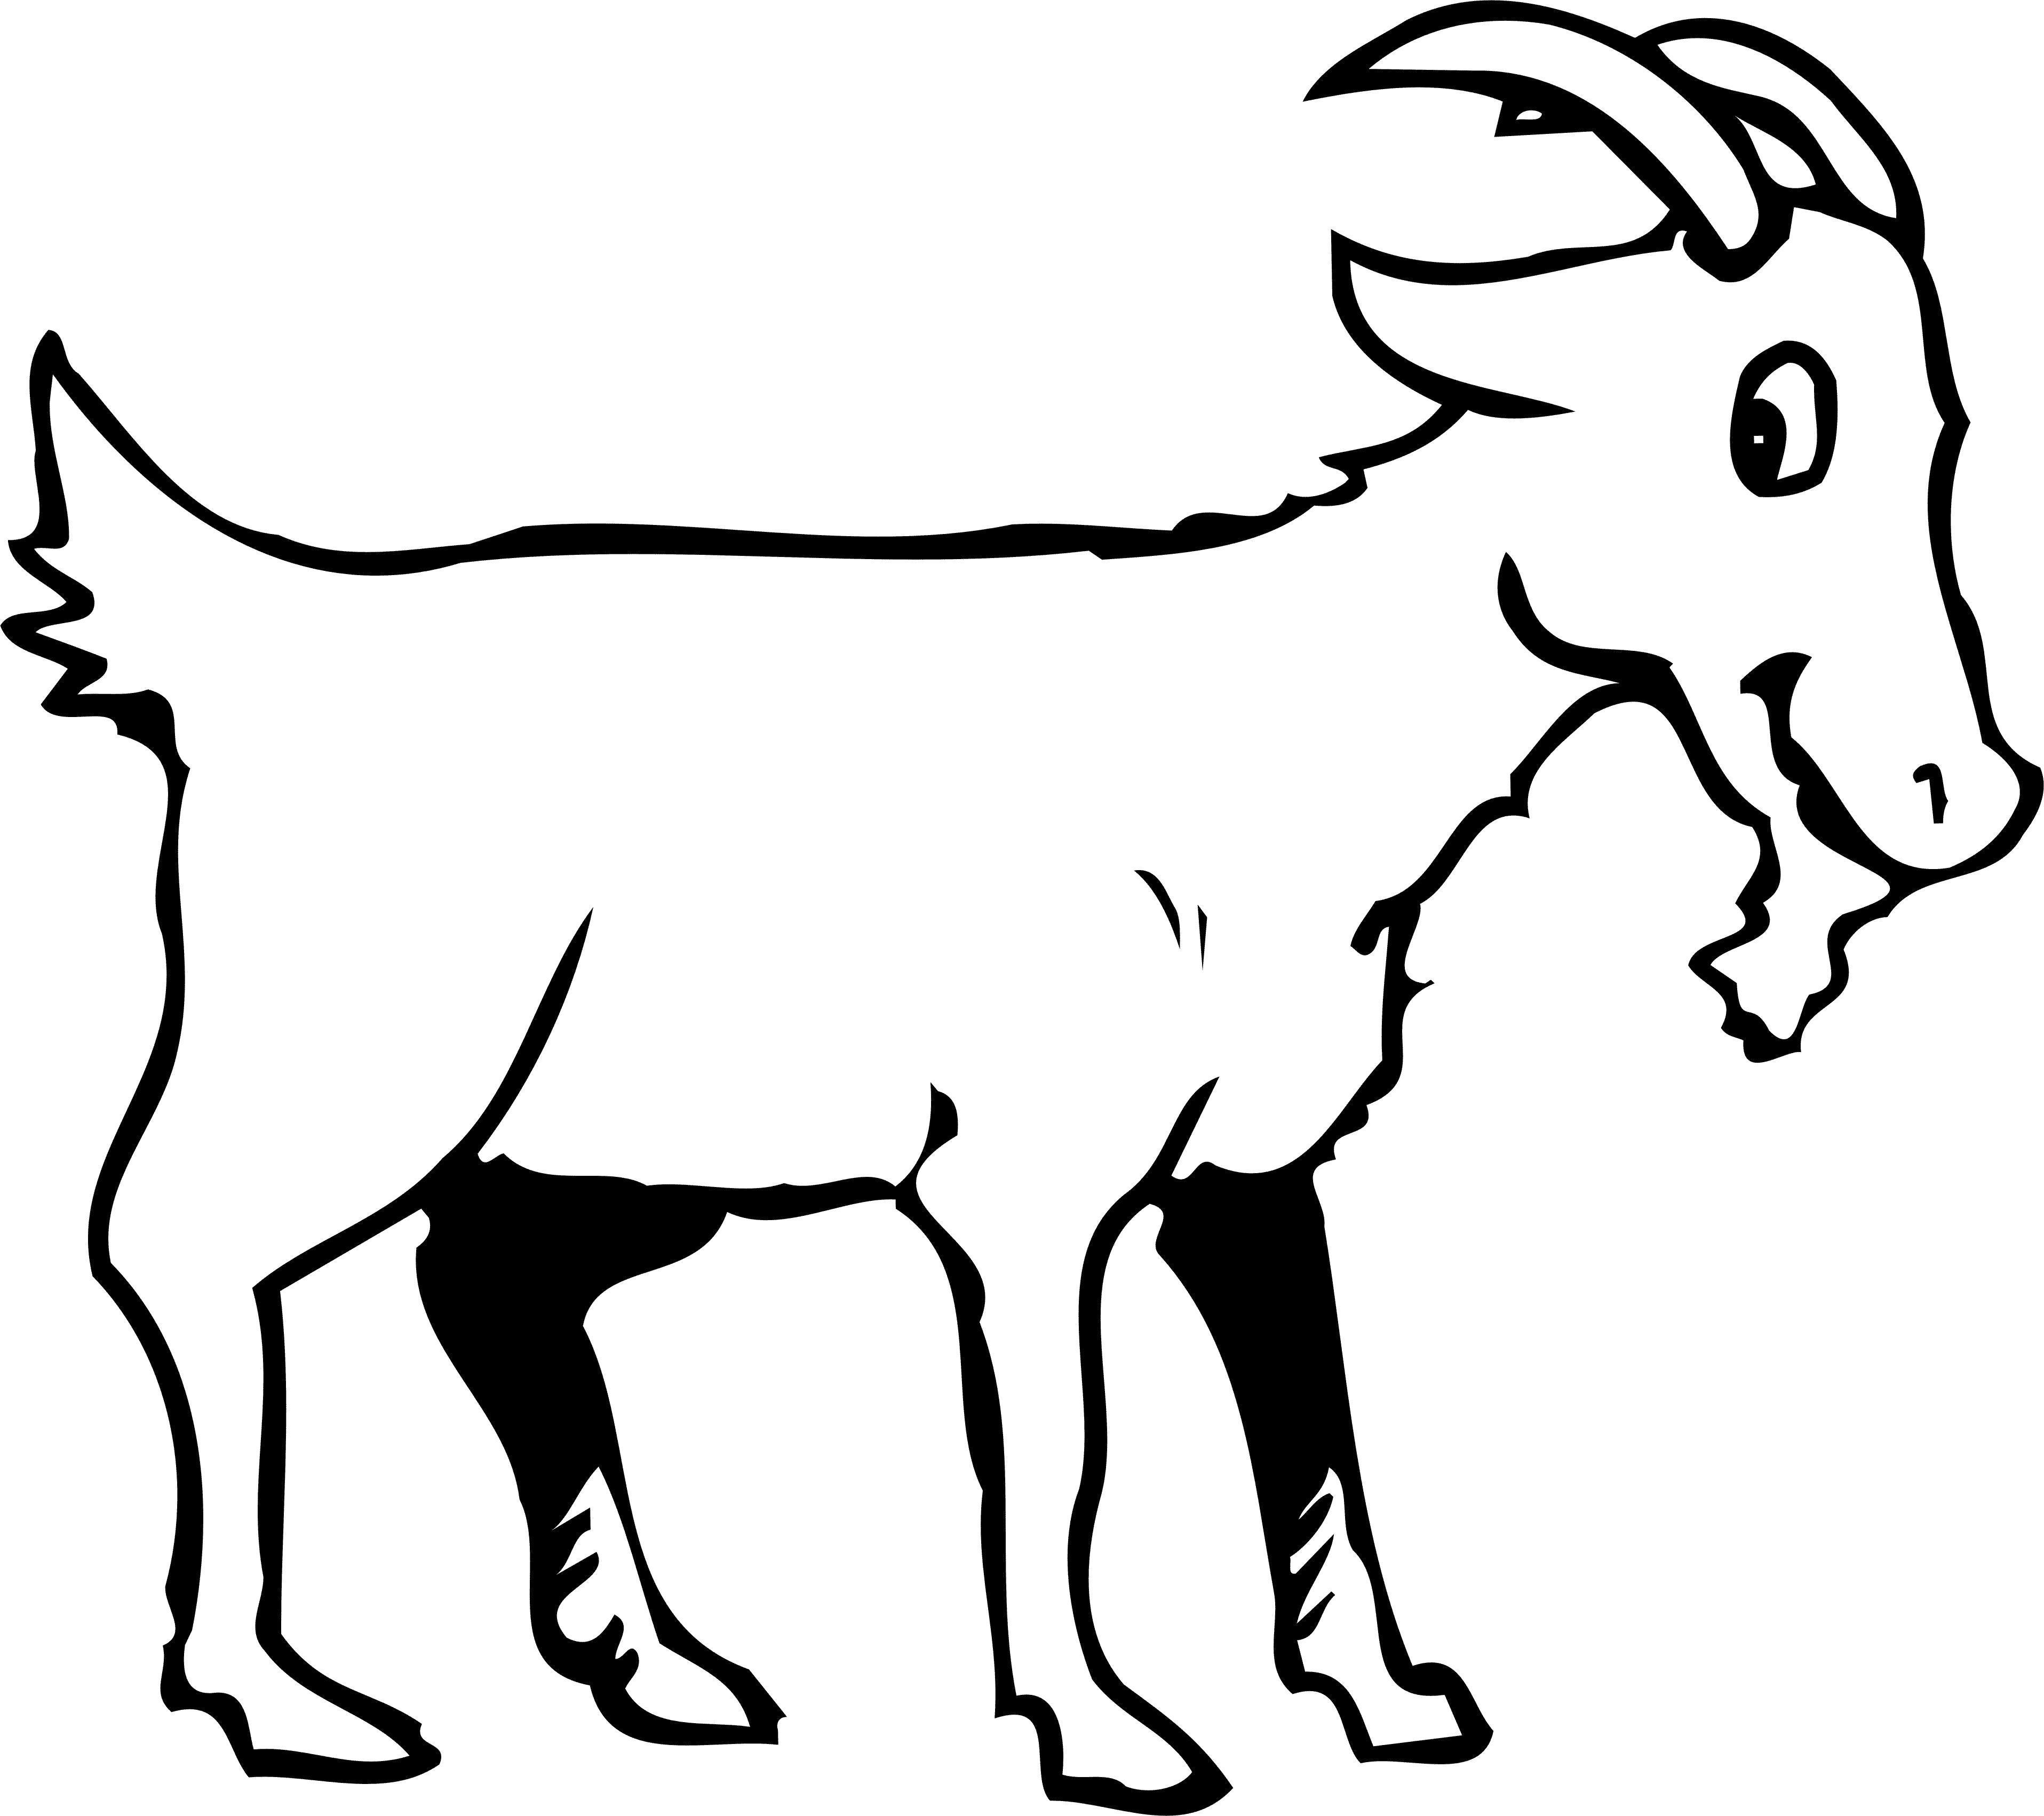 Раскраска  Козел с бородой и рогами. Скачать козел.  Распечатать козел